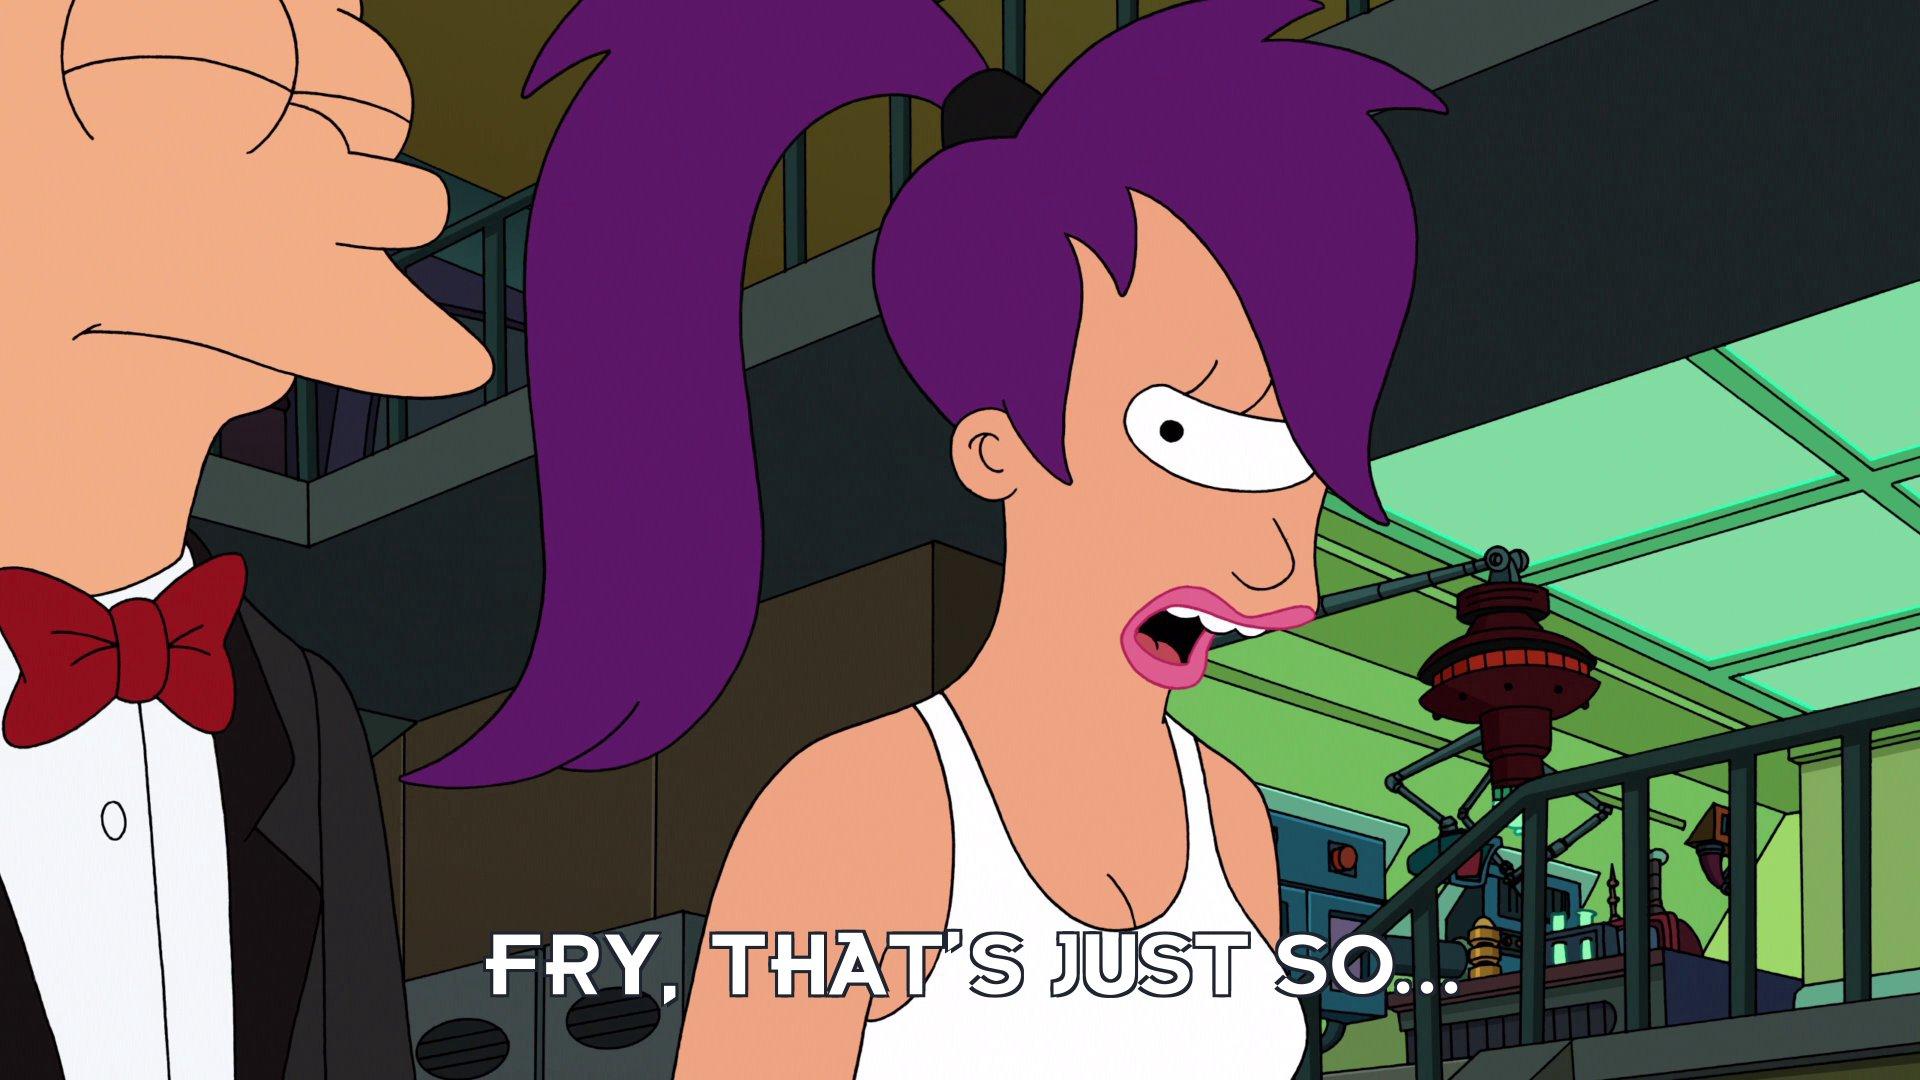 Turanga Leela: Fry, that's just so...